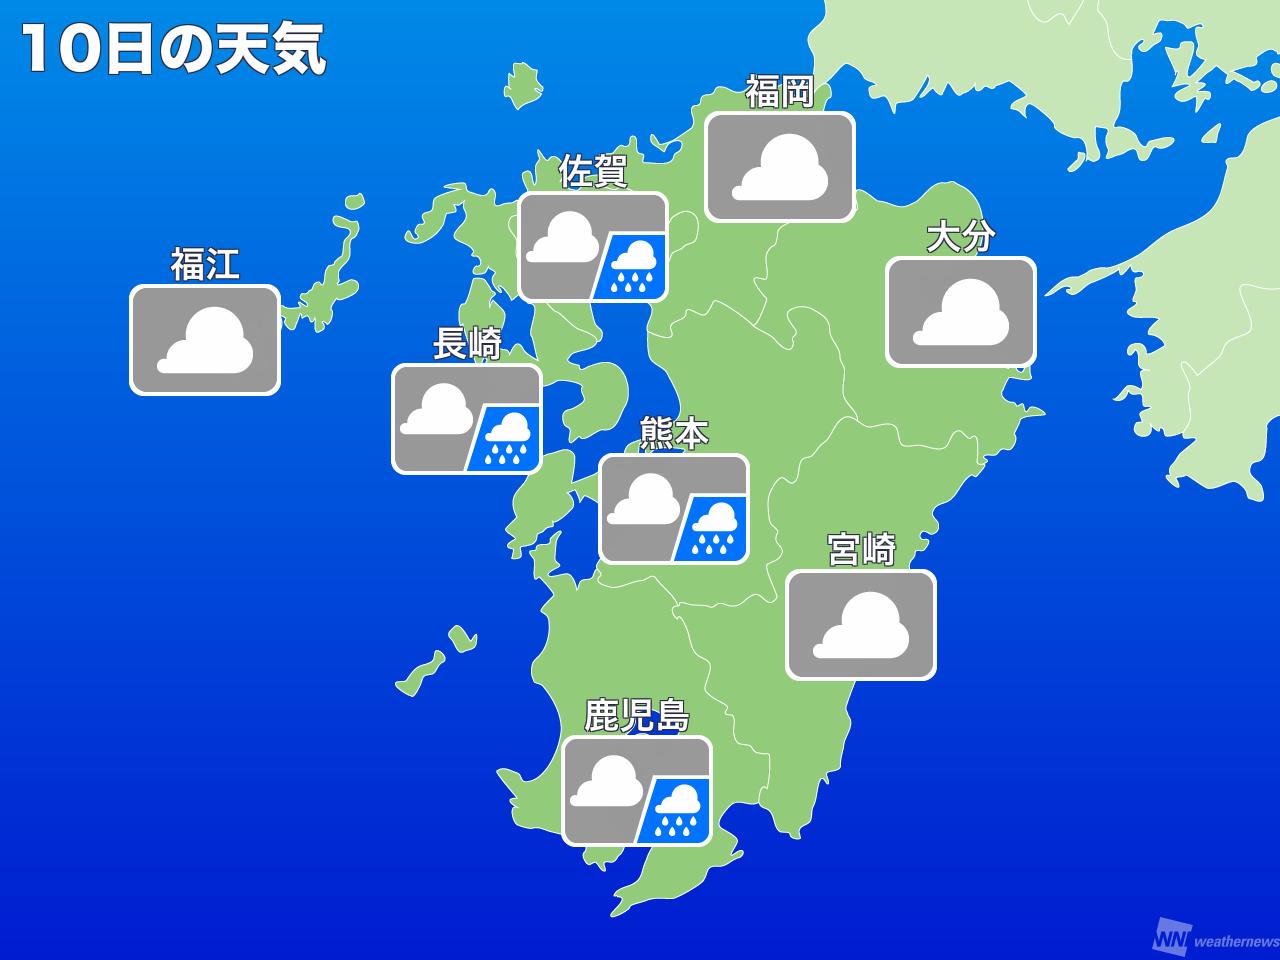 【九州豪雨】引き続き土砂災害に警戒を - ウェザーニュース